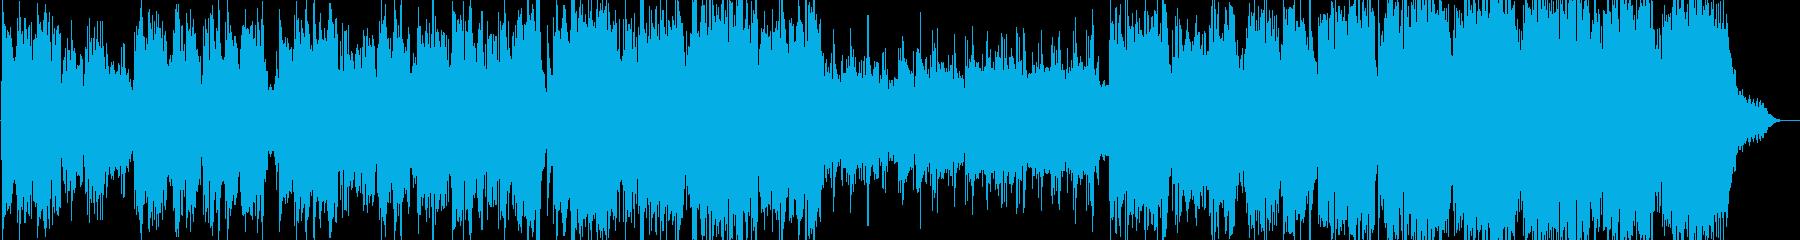 静かな森のヒーリング音楽の再生済みの波形